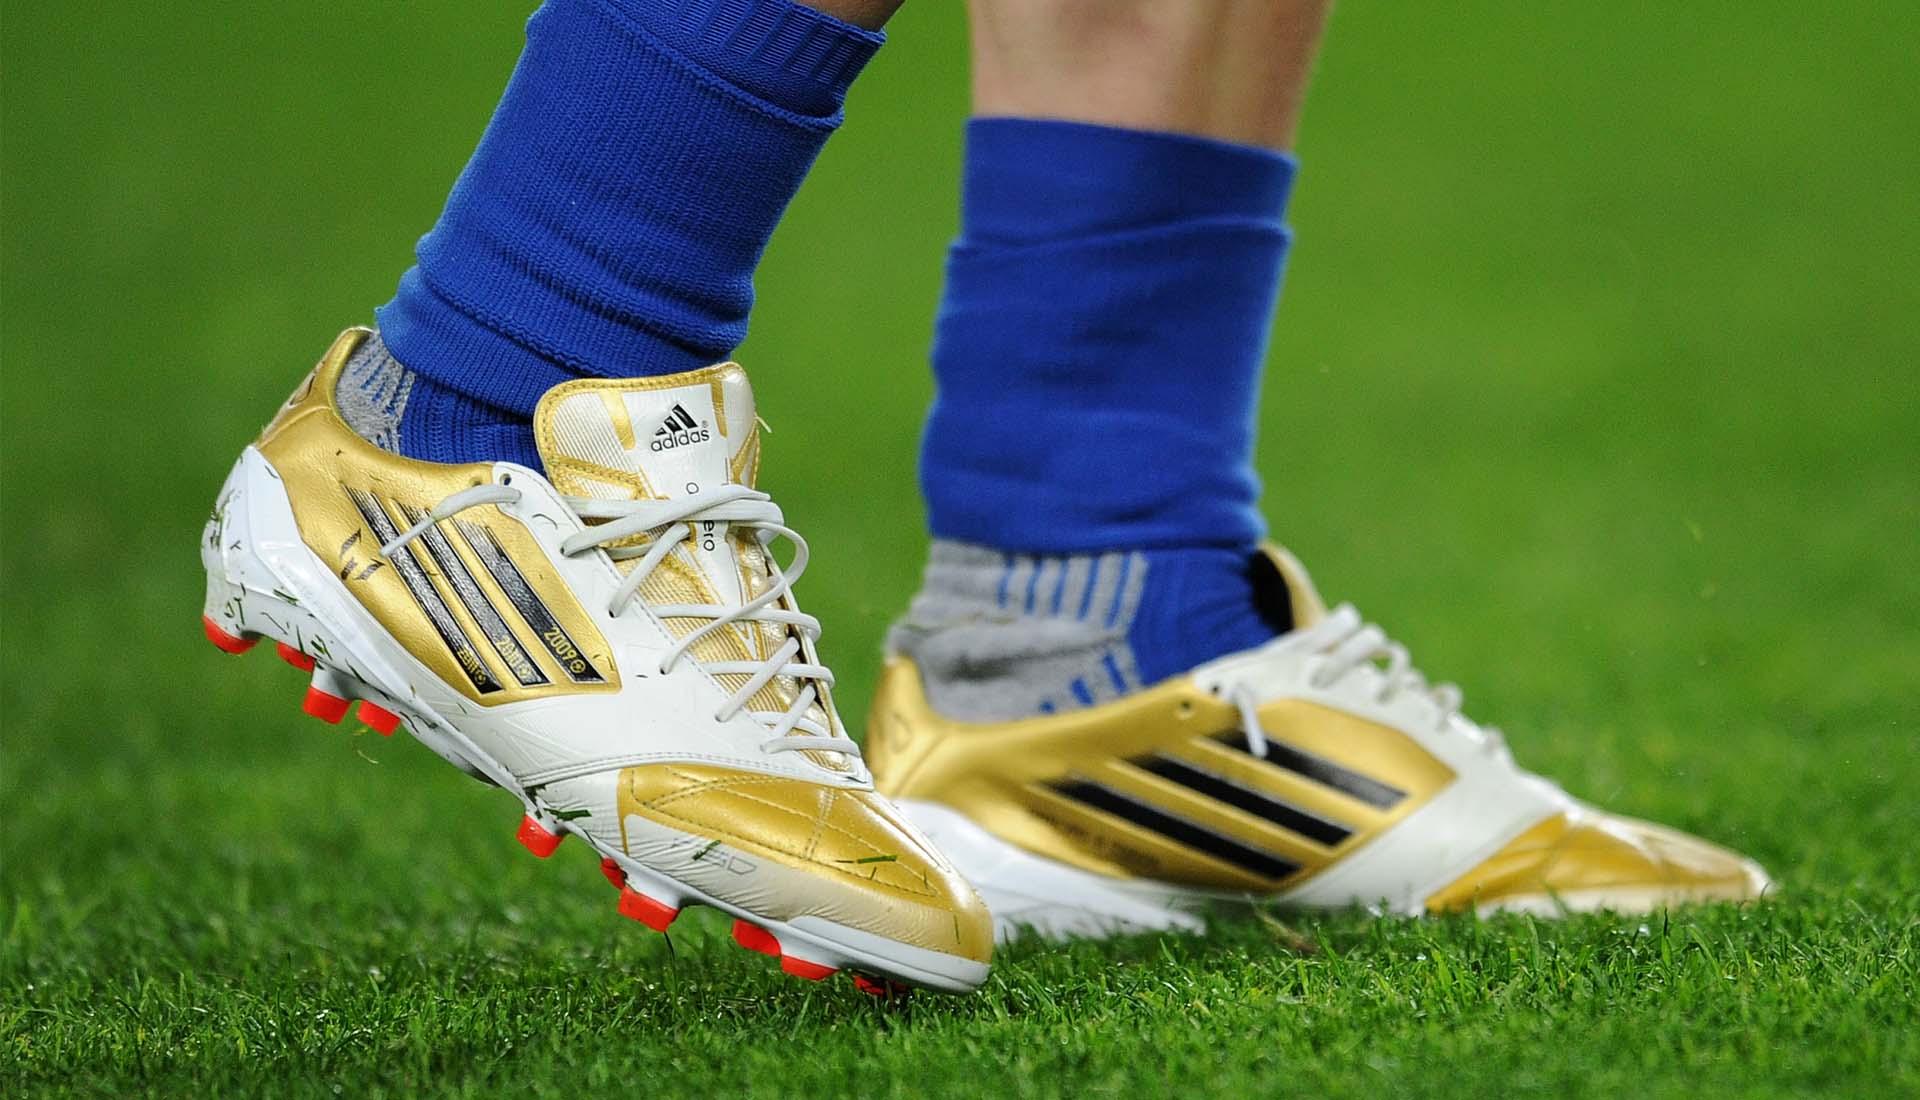 90a1f24f4257 A Look Back At Messi & Ronaldo's Signature Ballon d'Or Boots ...